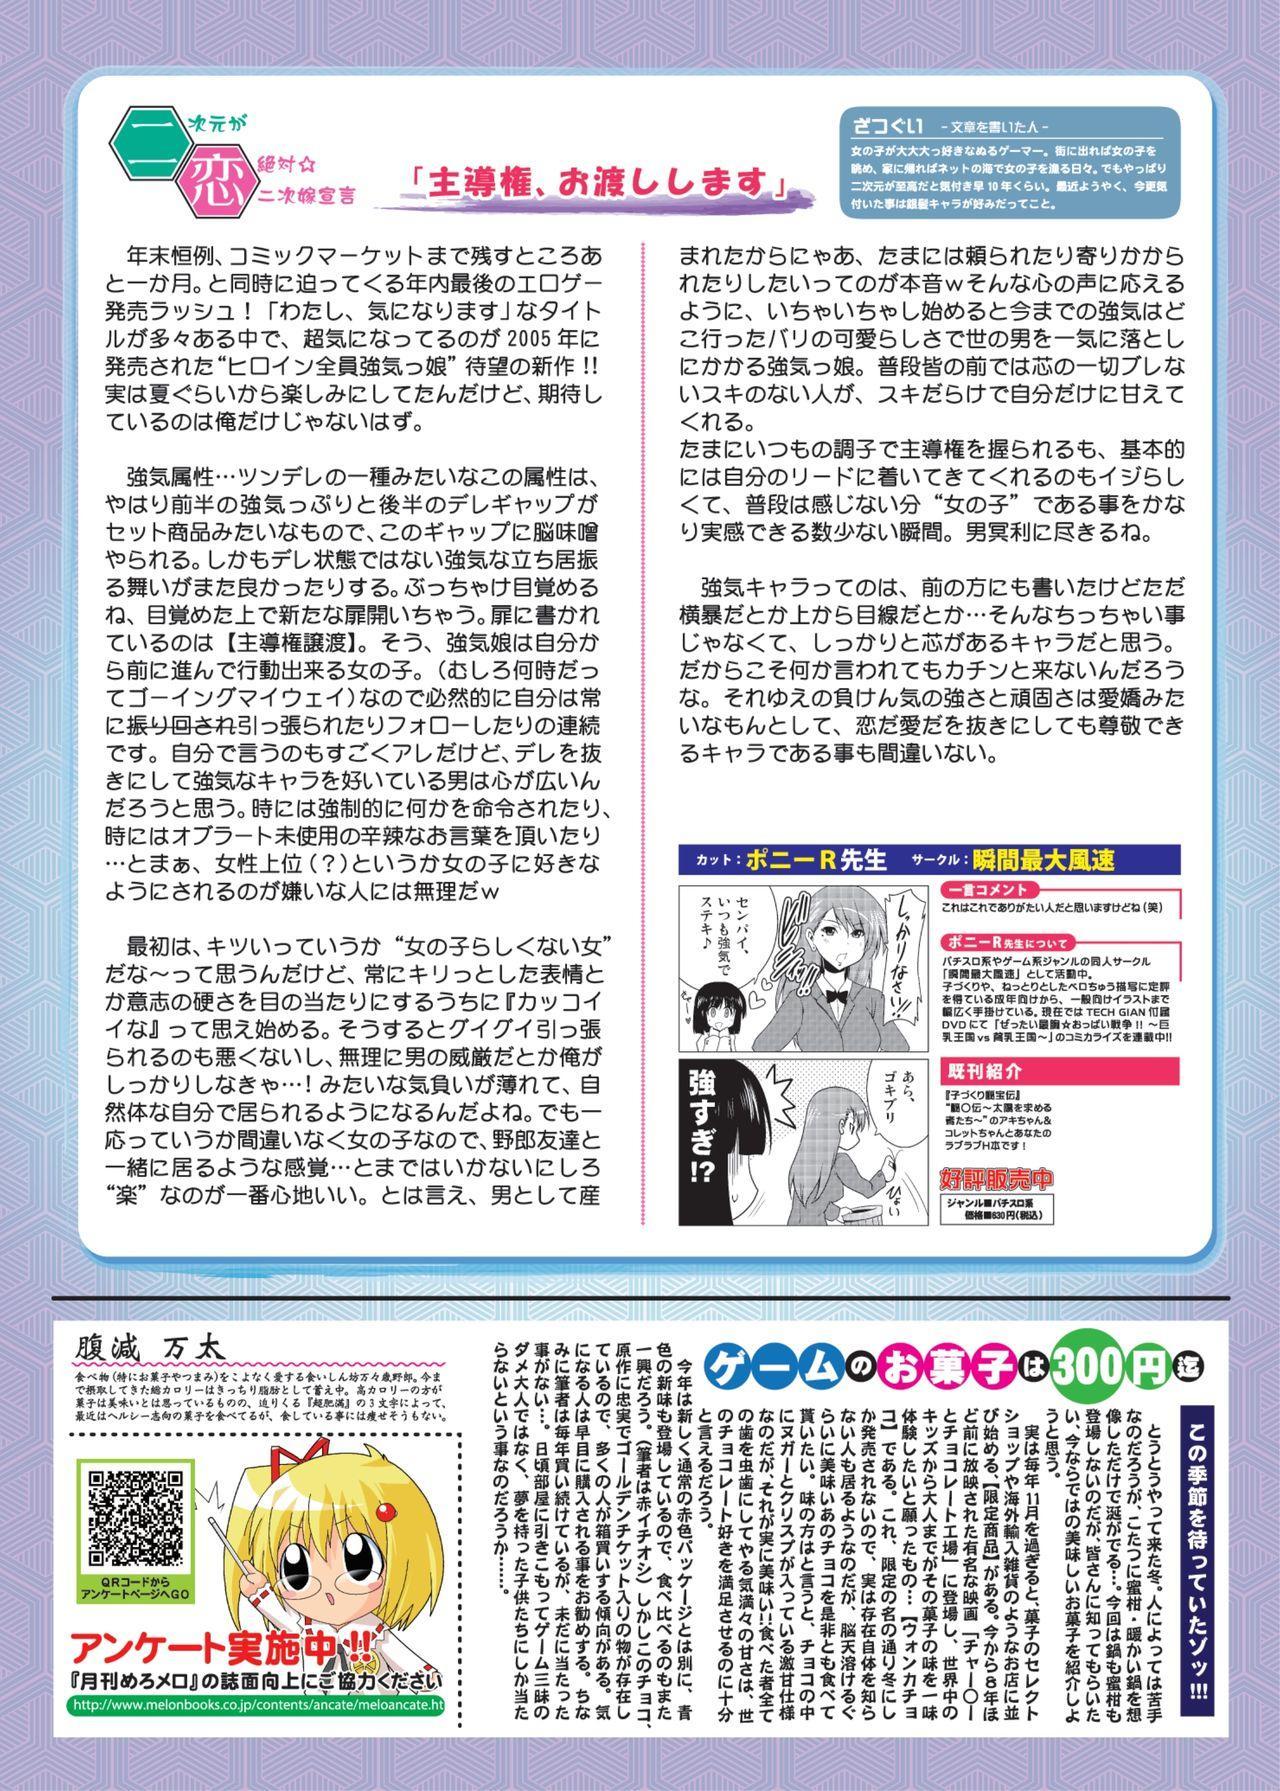 月刊めろメロ 2013年12月号 20